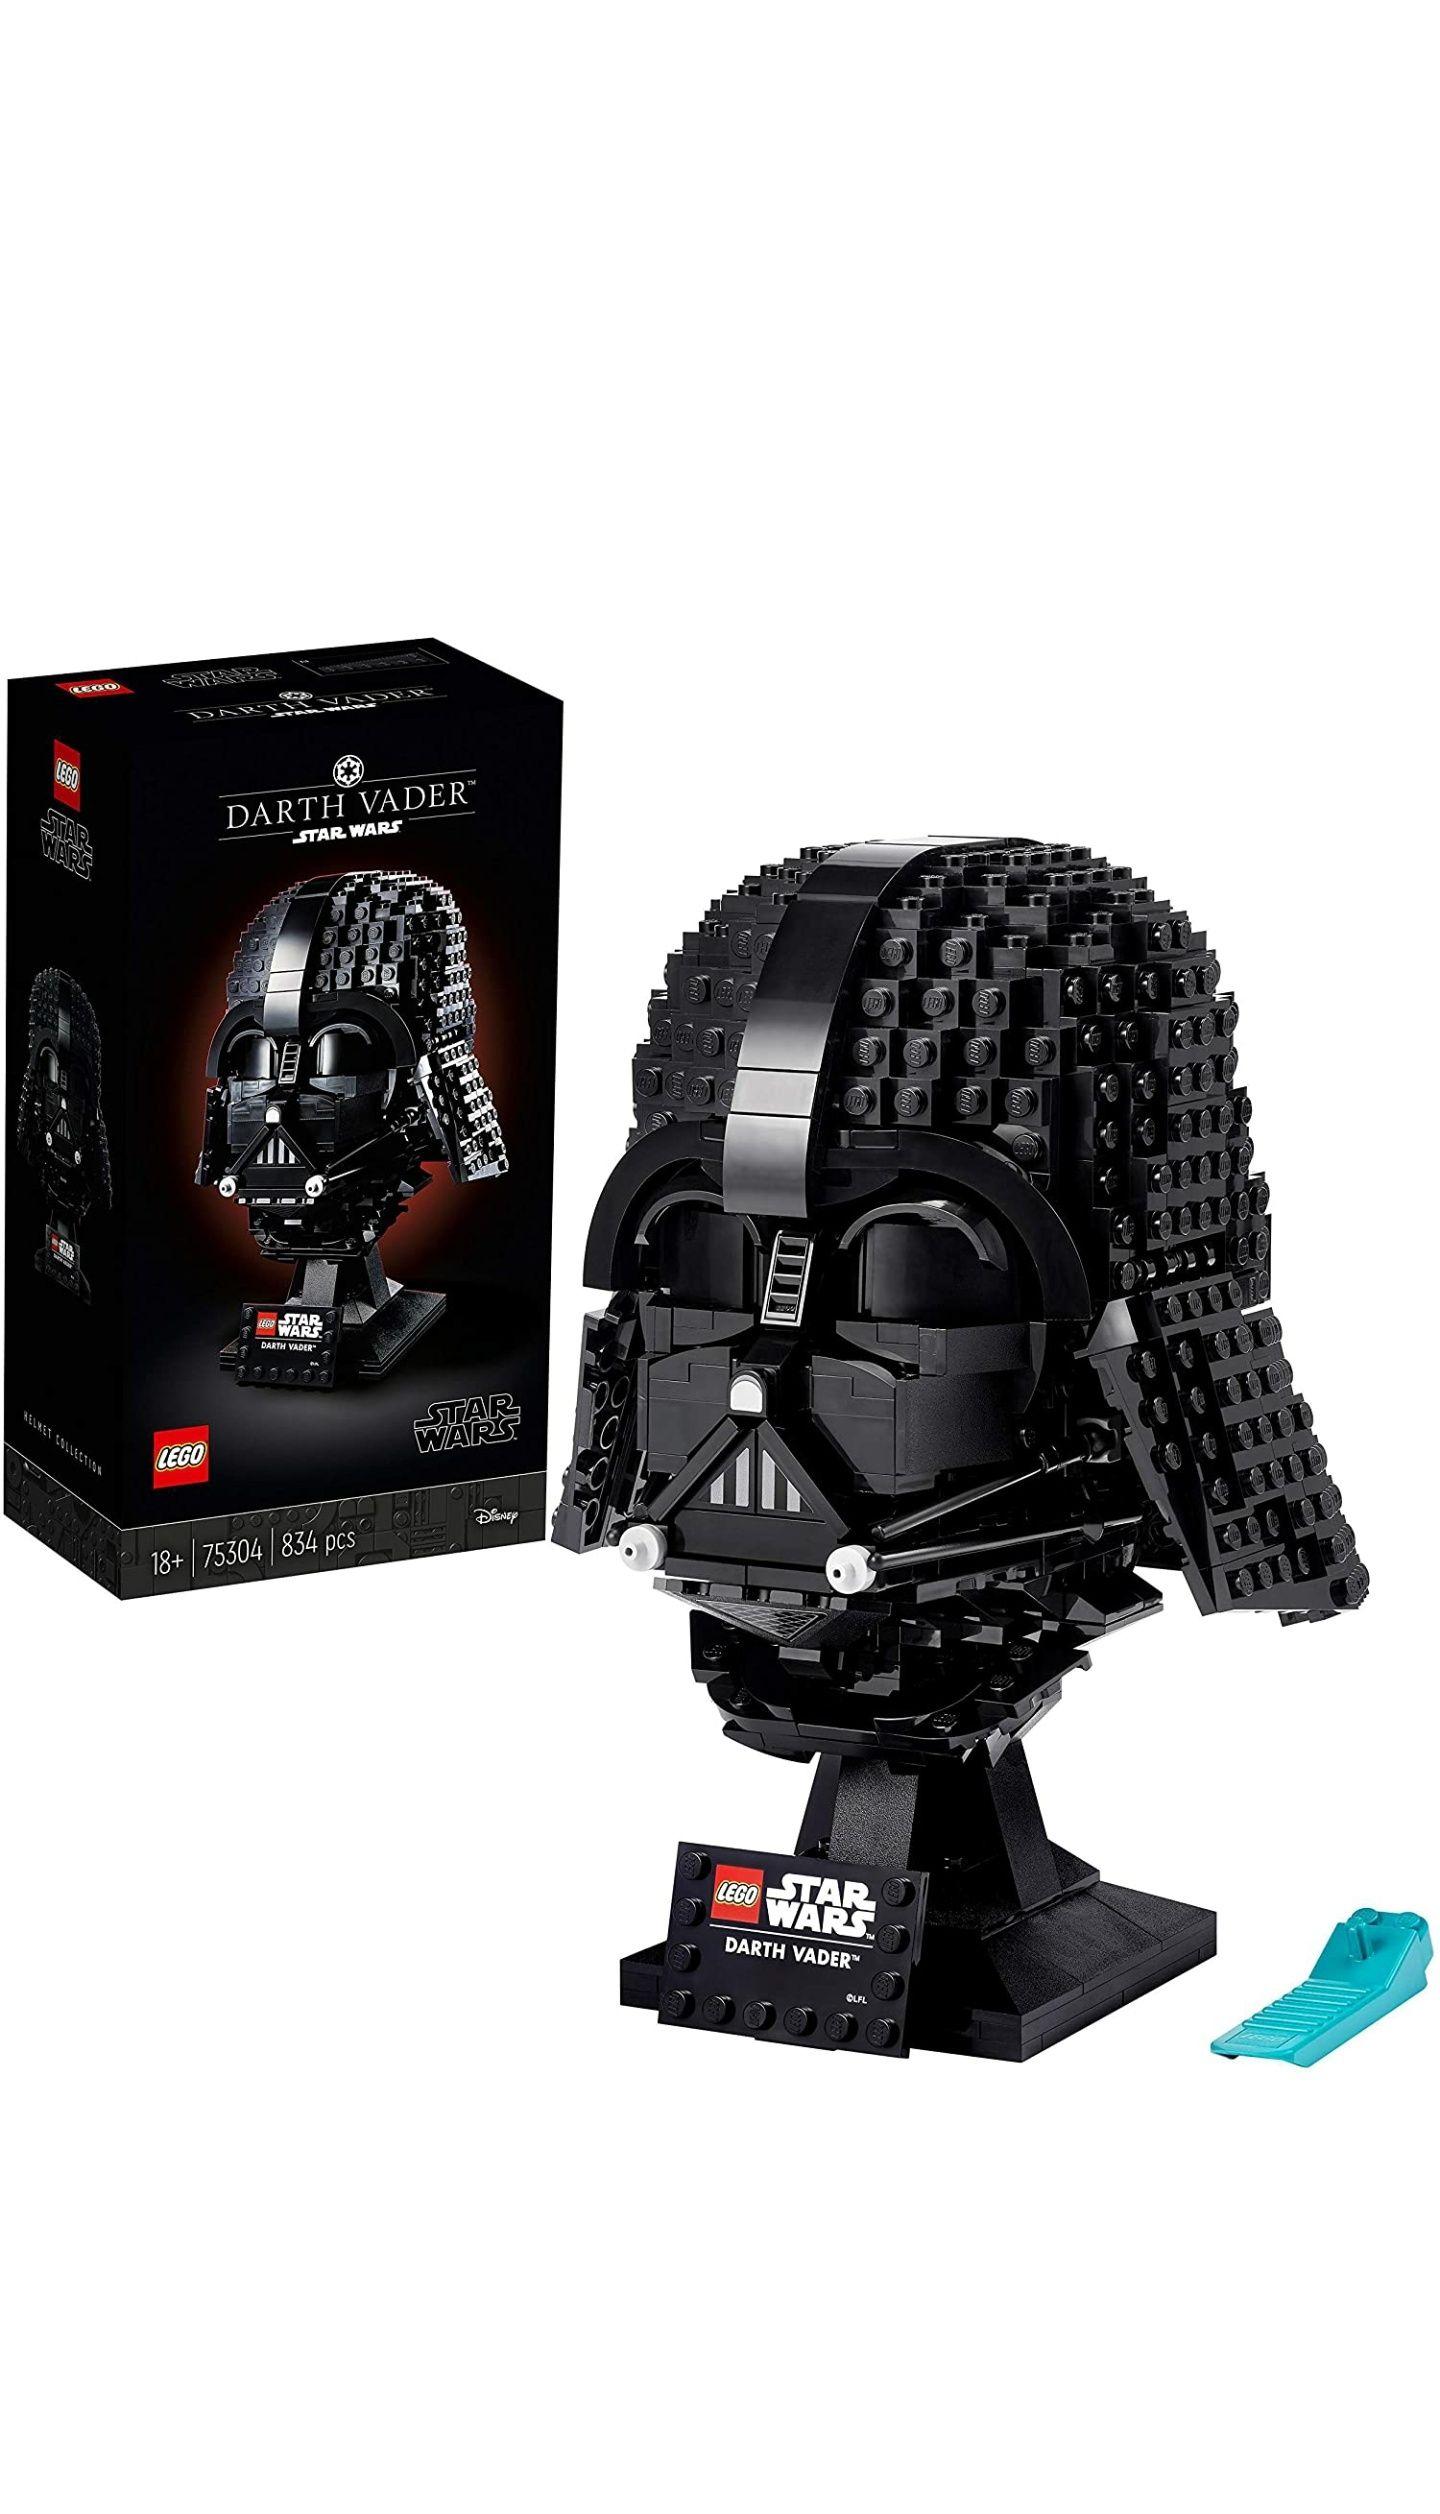 LEGO 75304 Star Wars Casco de Darth Vader